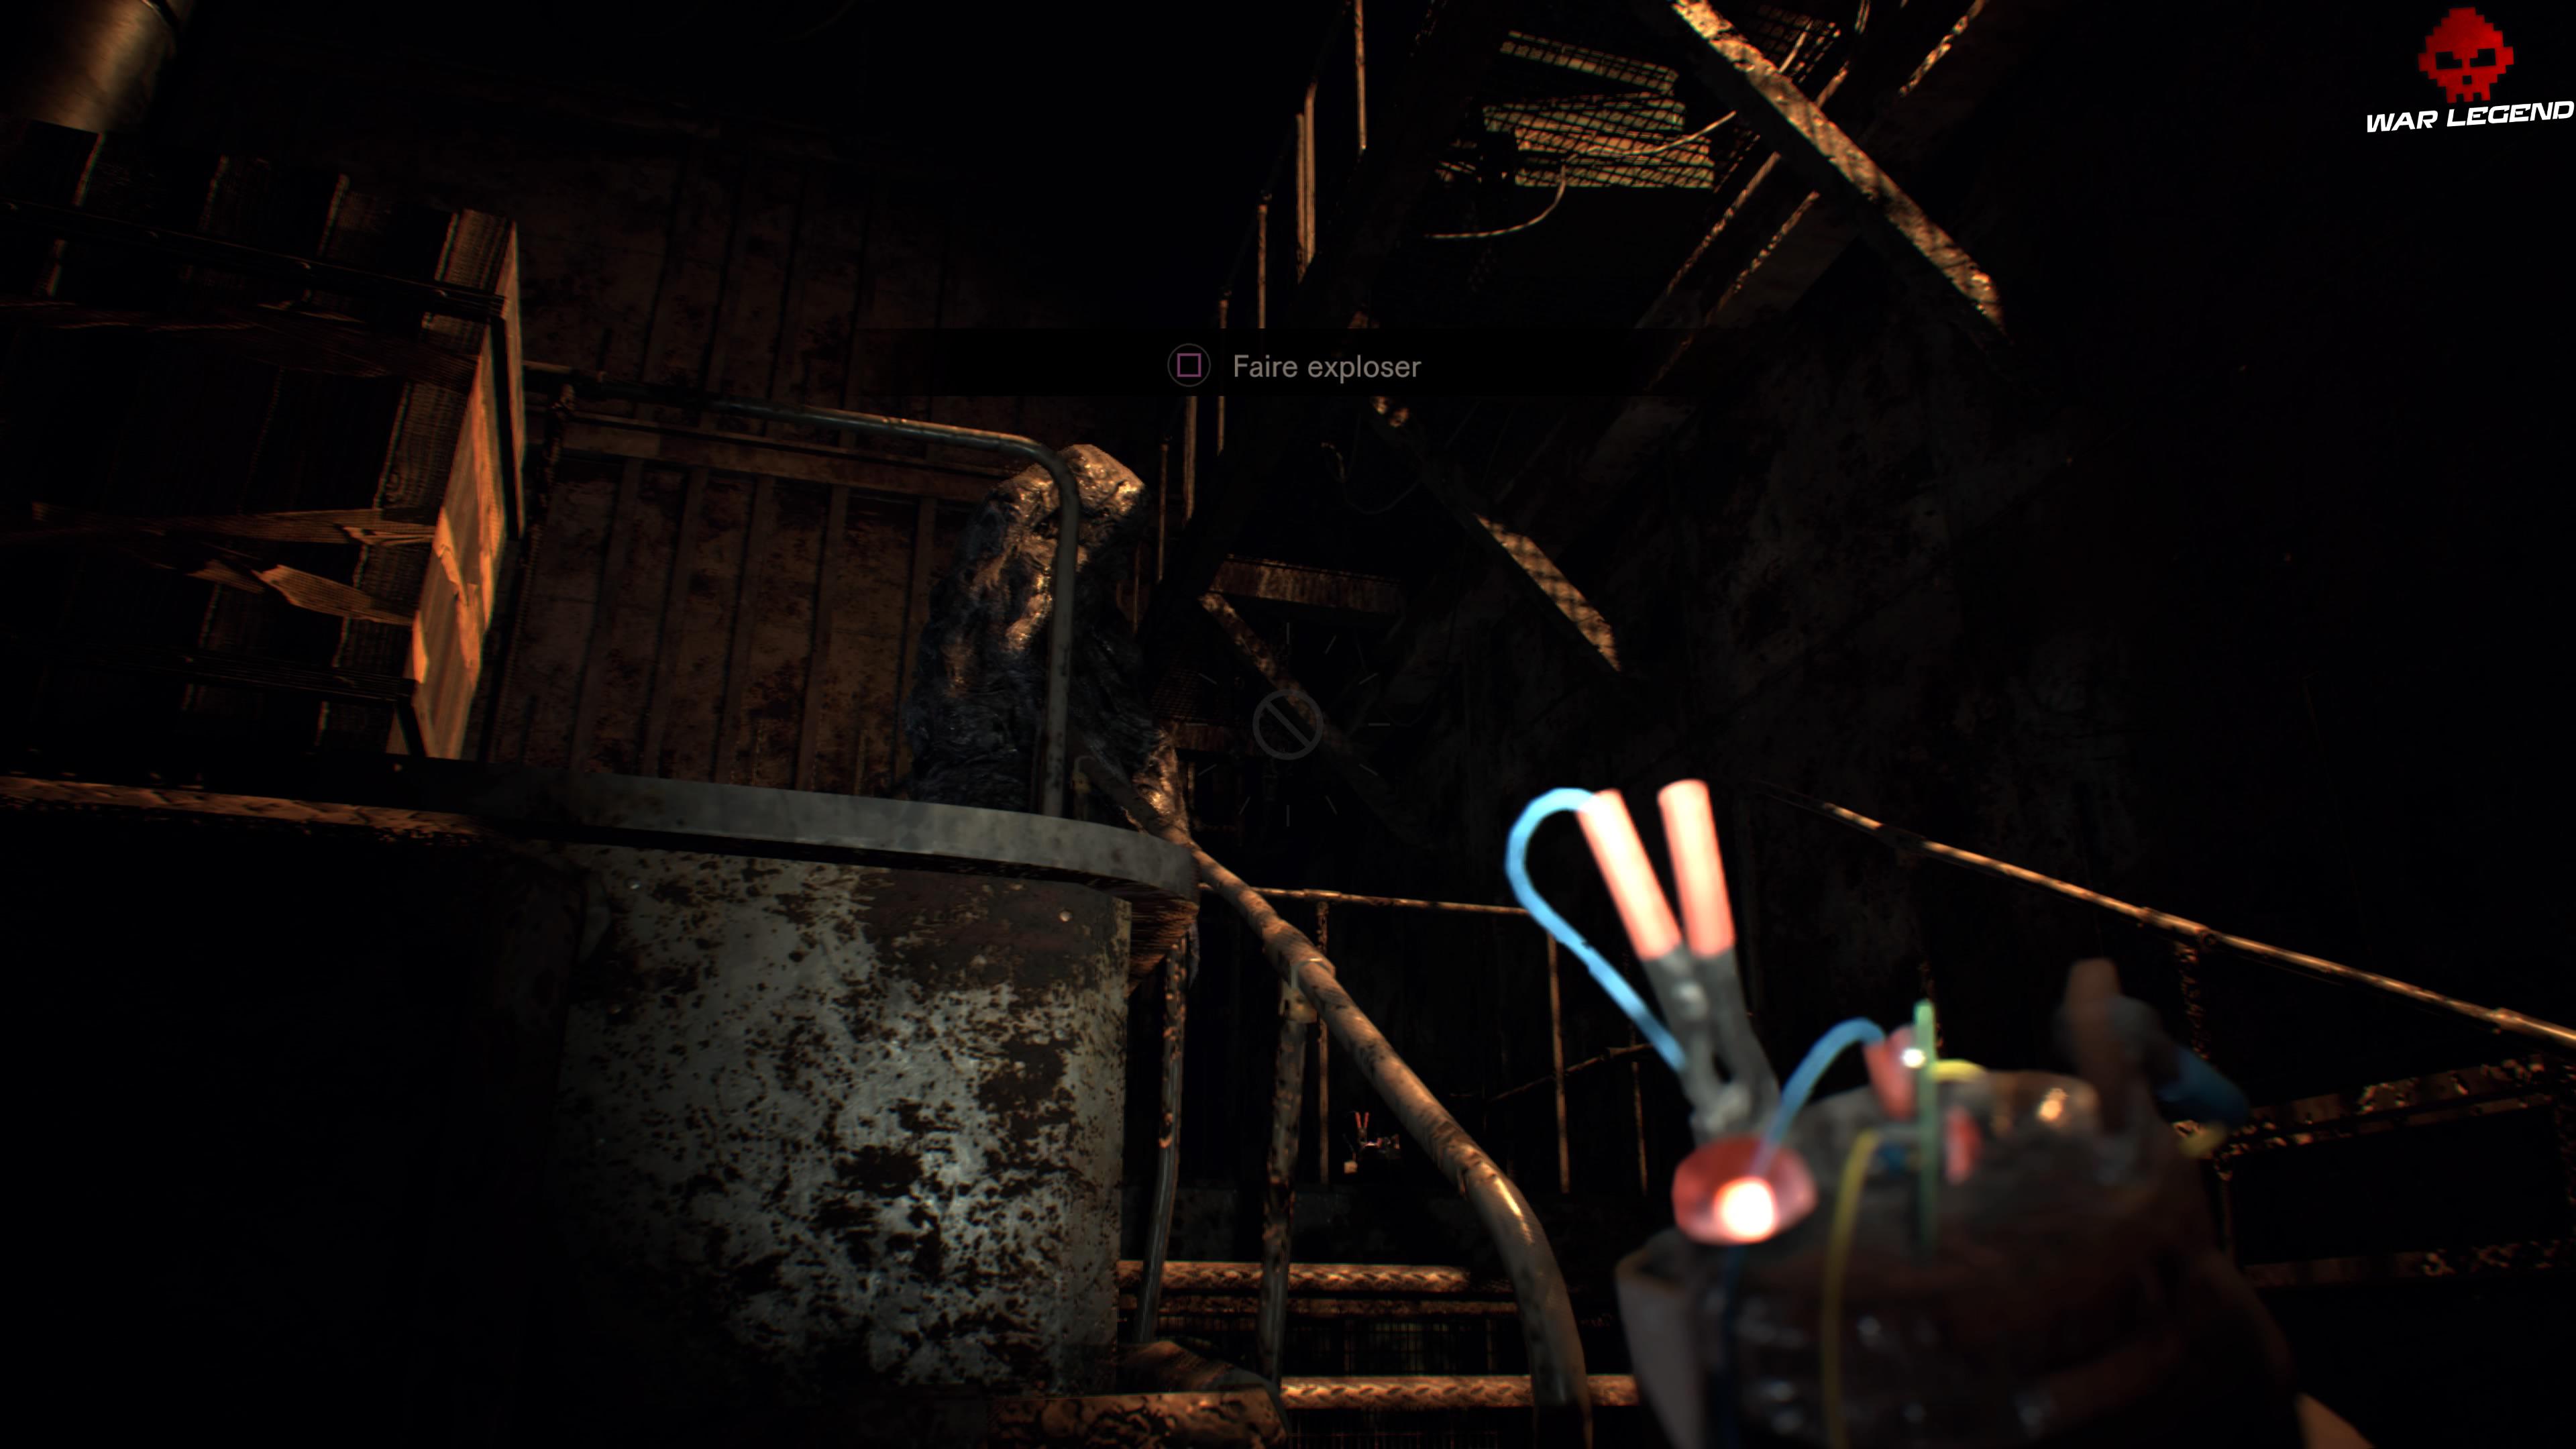 Solution Resident Evil 7 Biohazard Chapitre 7 monstre cracheur d'acide